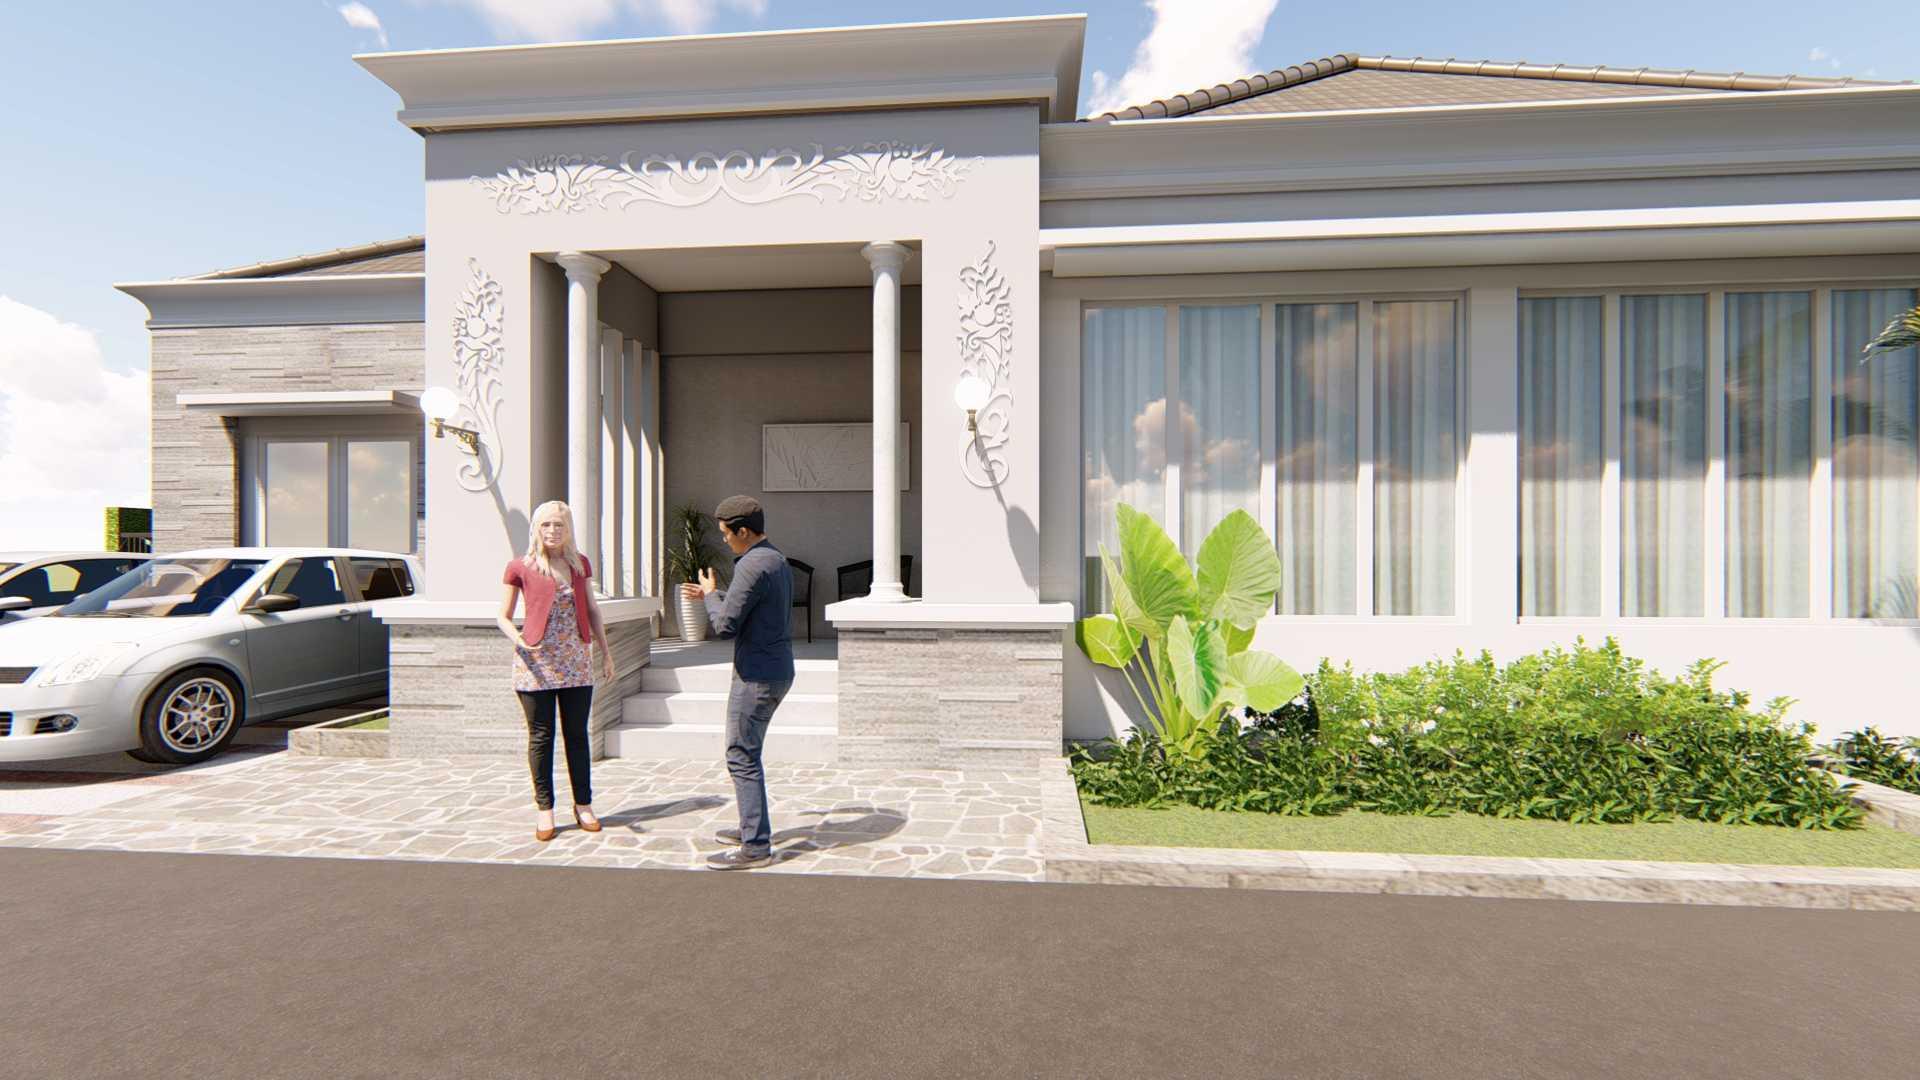 Astabumi Studio Pr House Tegal Tegal, Kota Tegal, Jawa Tengah, Indonesia Yogyakarta Cv-Astabumi-Manunggal-Prakarsa-Jto-Jogja-Trade-Office  119457